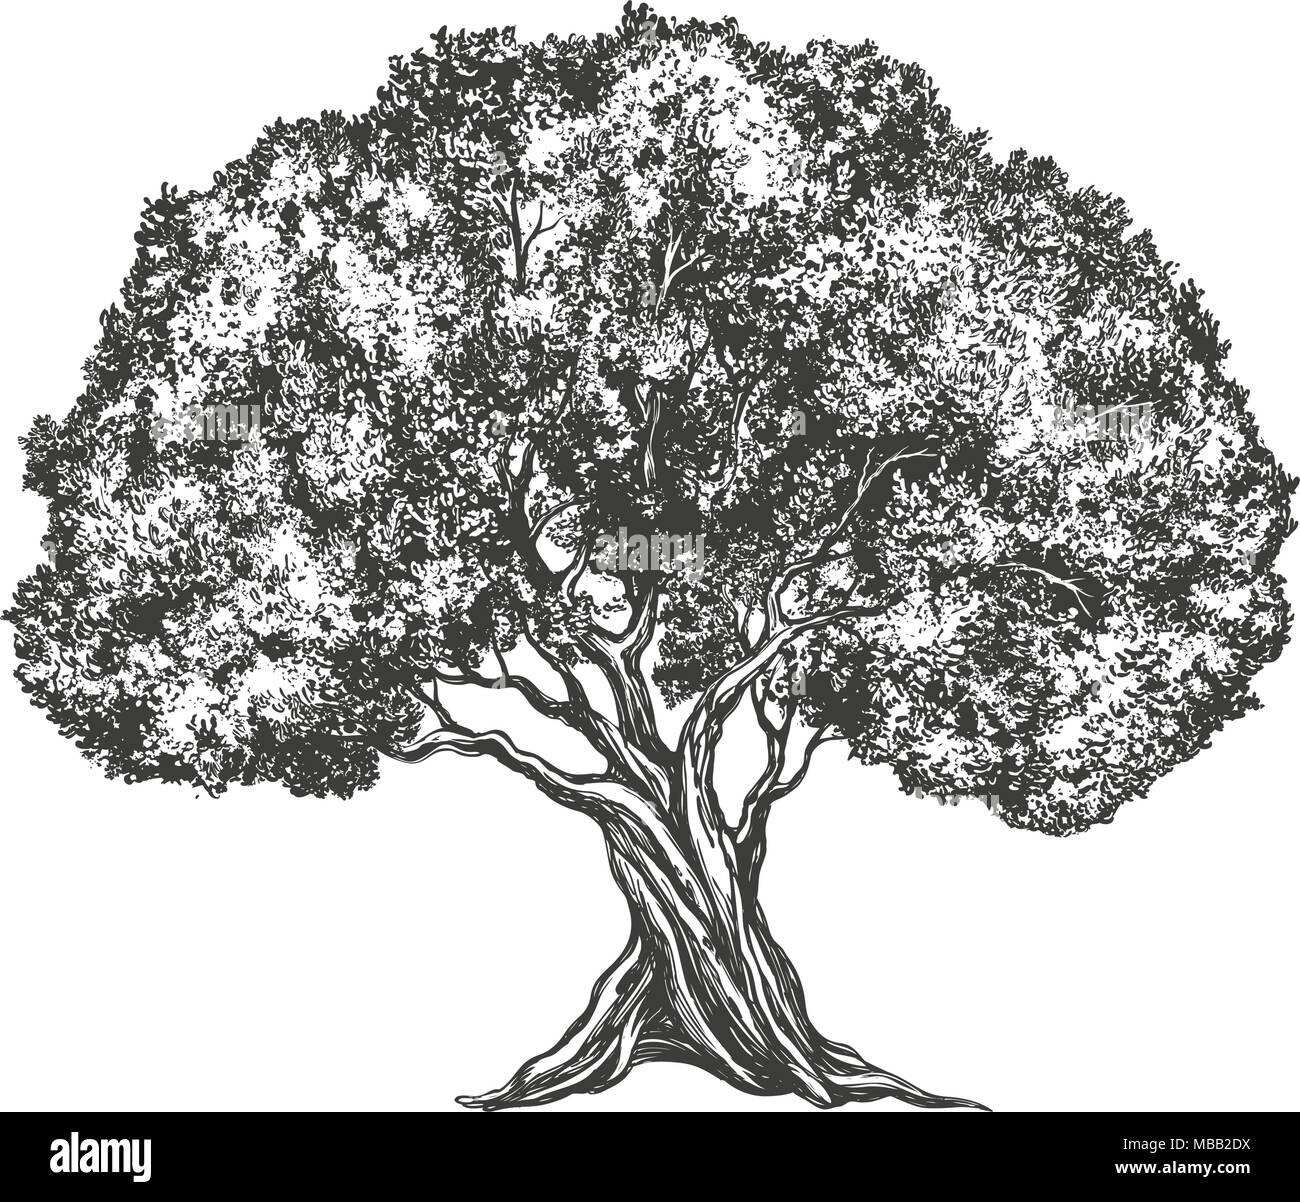 Albero di olivo disegnati a mano illustrazione vettoriale for Albero ulivo vettoriale